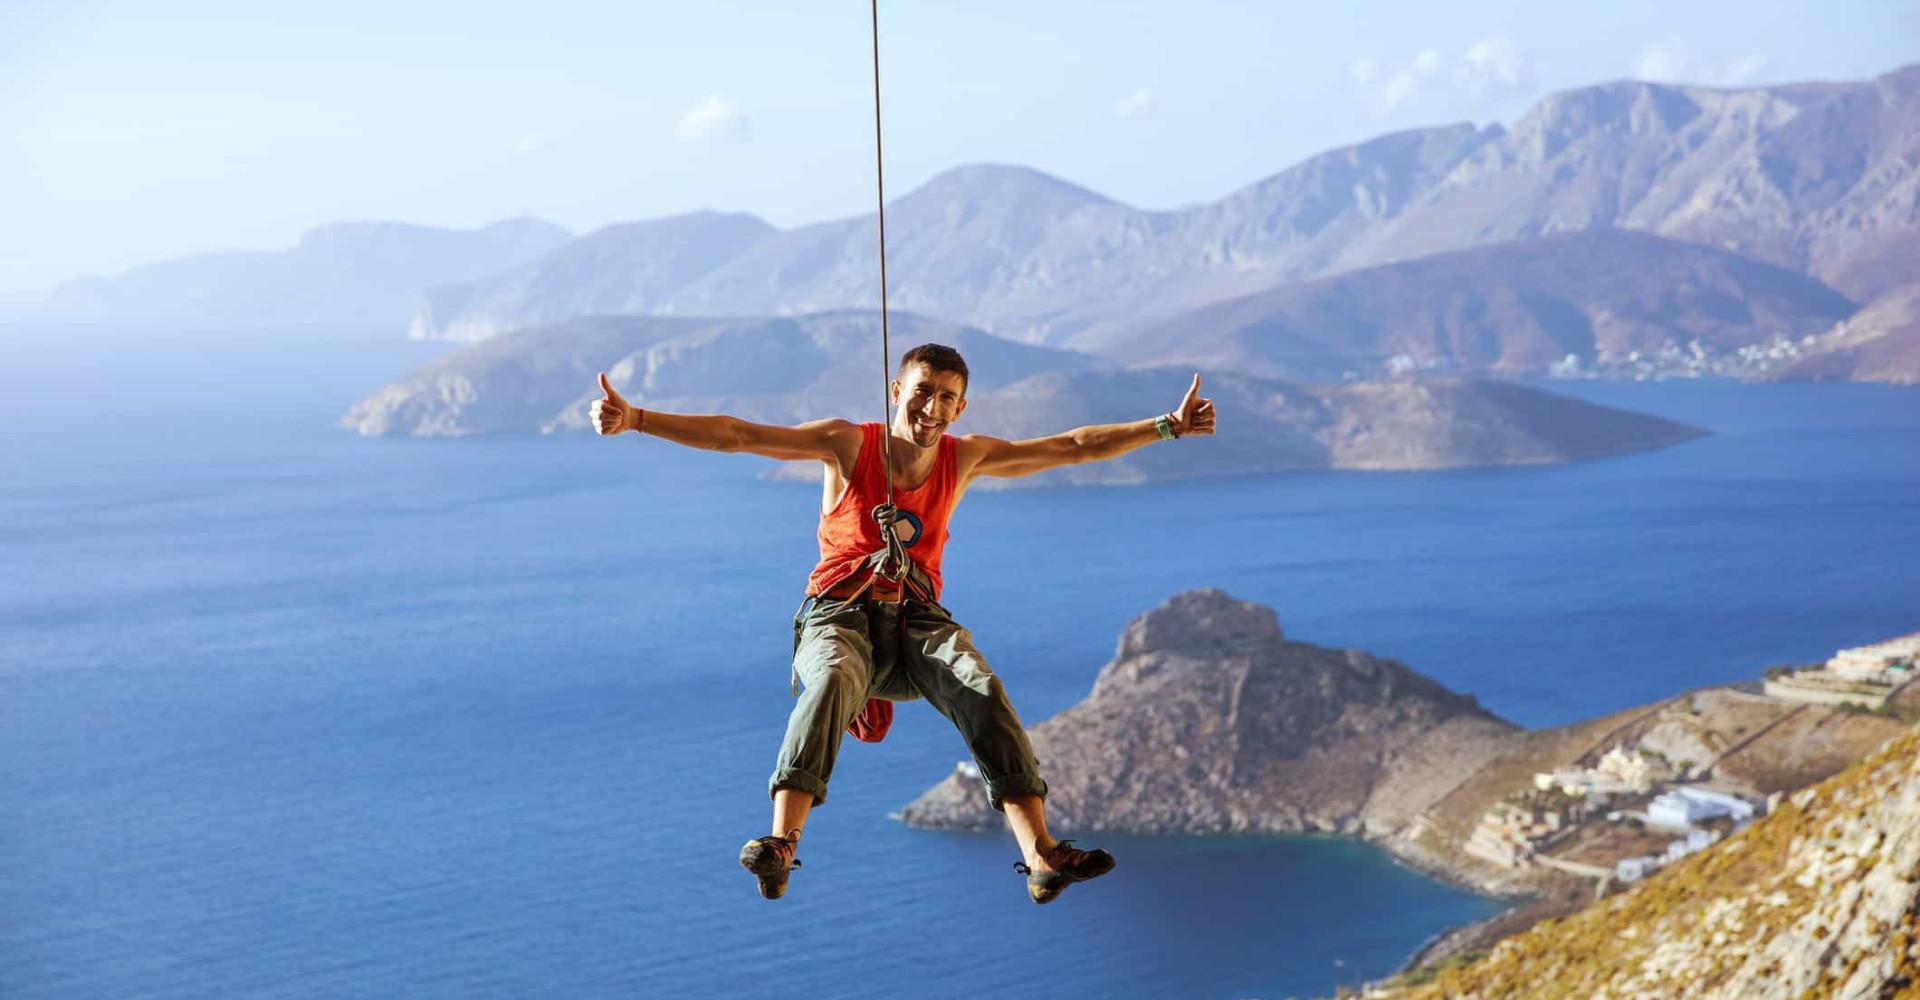 Scopri le migliori destinazioni nel mondo per praticare alpinismo